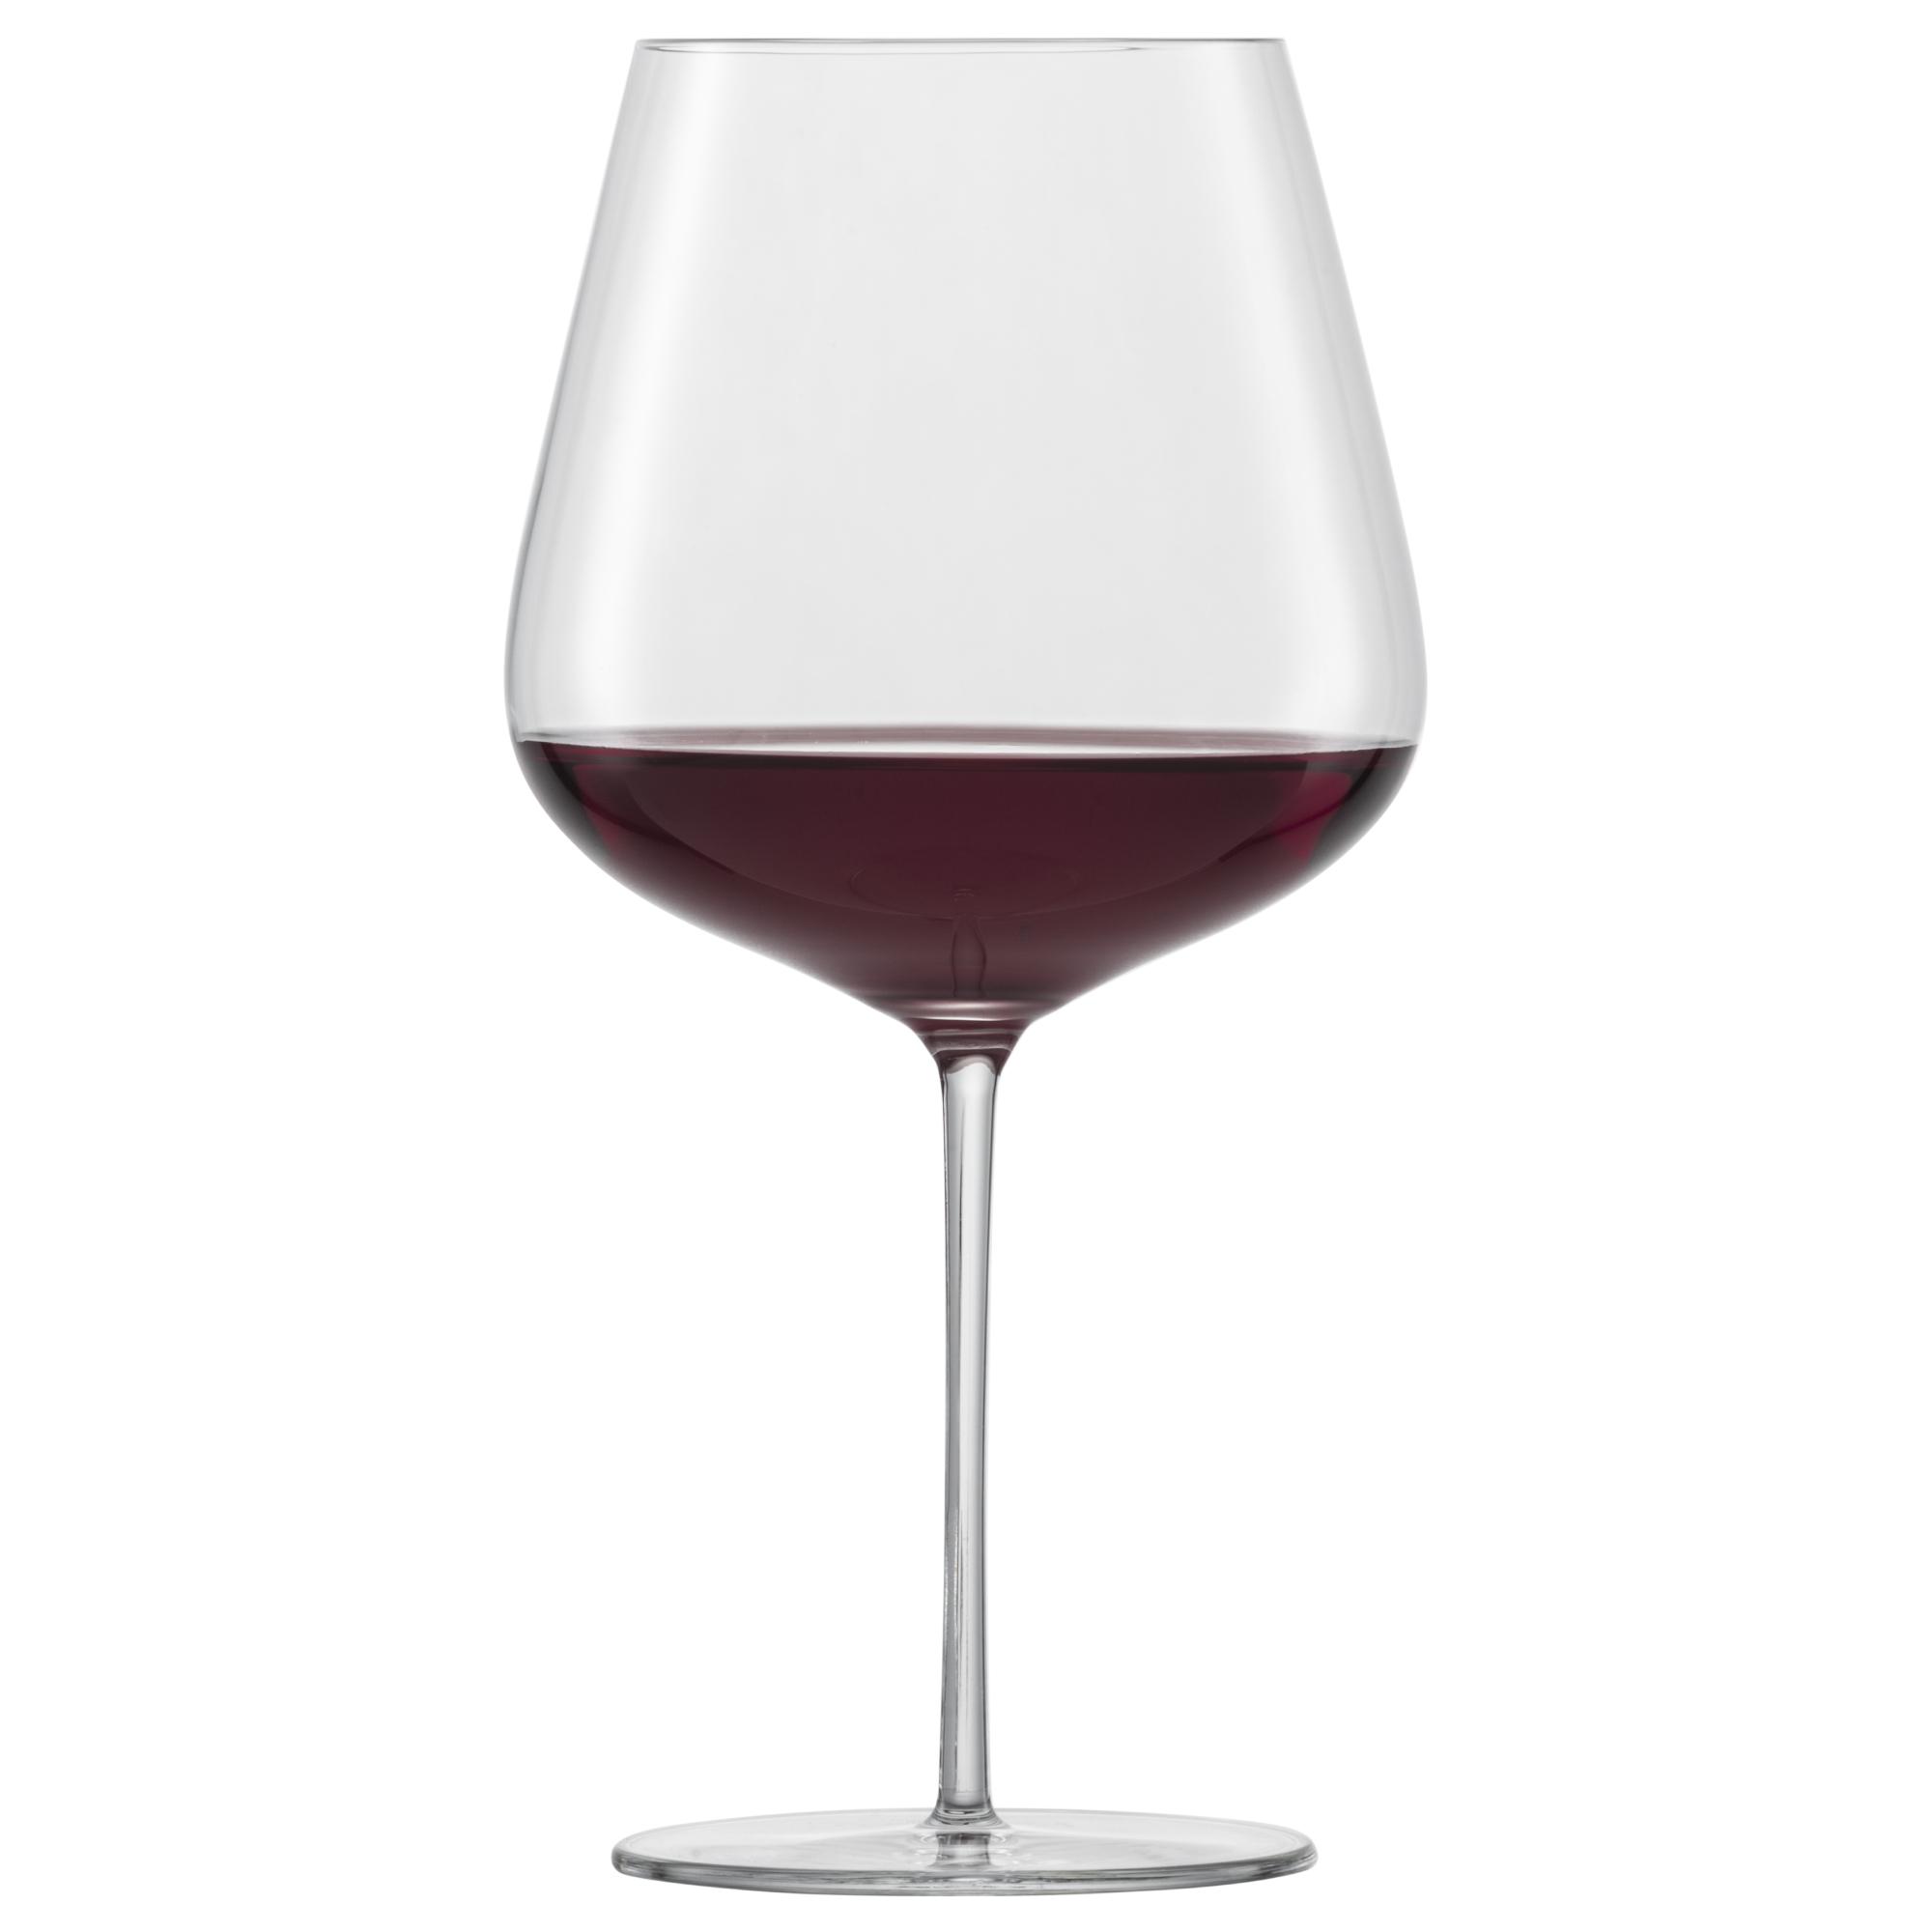 Фото - Набор бокалов для красного вина Schott Zwiesel Vervino 955 мл 2 шт набор бокалов для красного вина schott zwiesel prizma 561 мл 6 шт